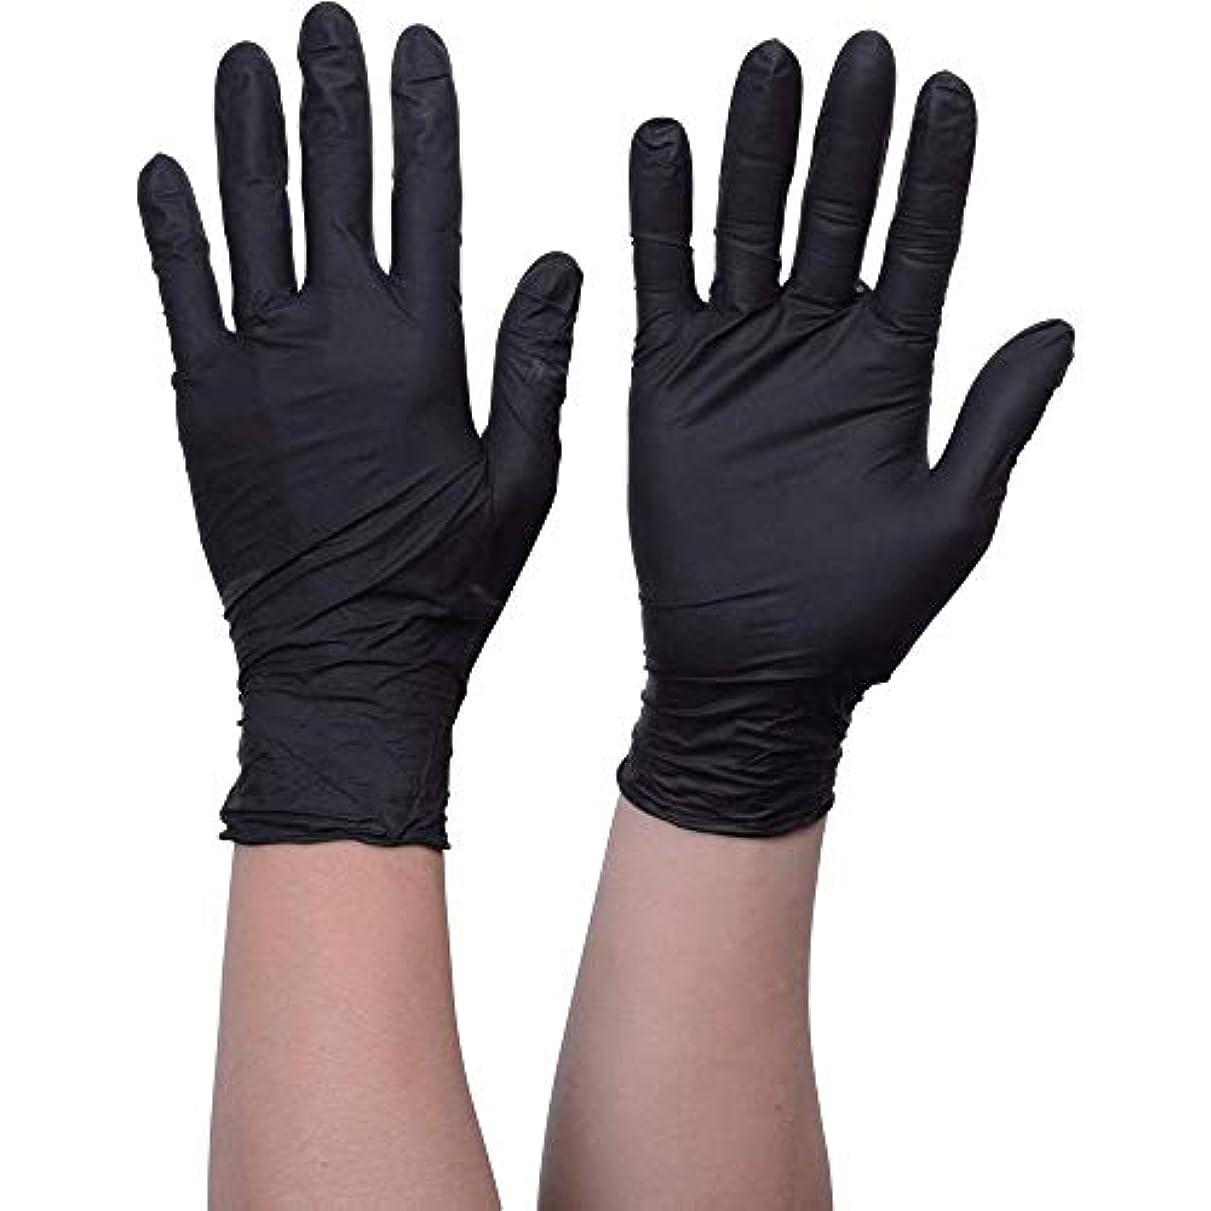 事務所請求書つま先ニトリル手袋 使い捨て手袋防水耐油耐久性が強い上に軽く高品質ブラック100枚入